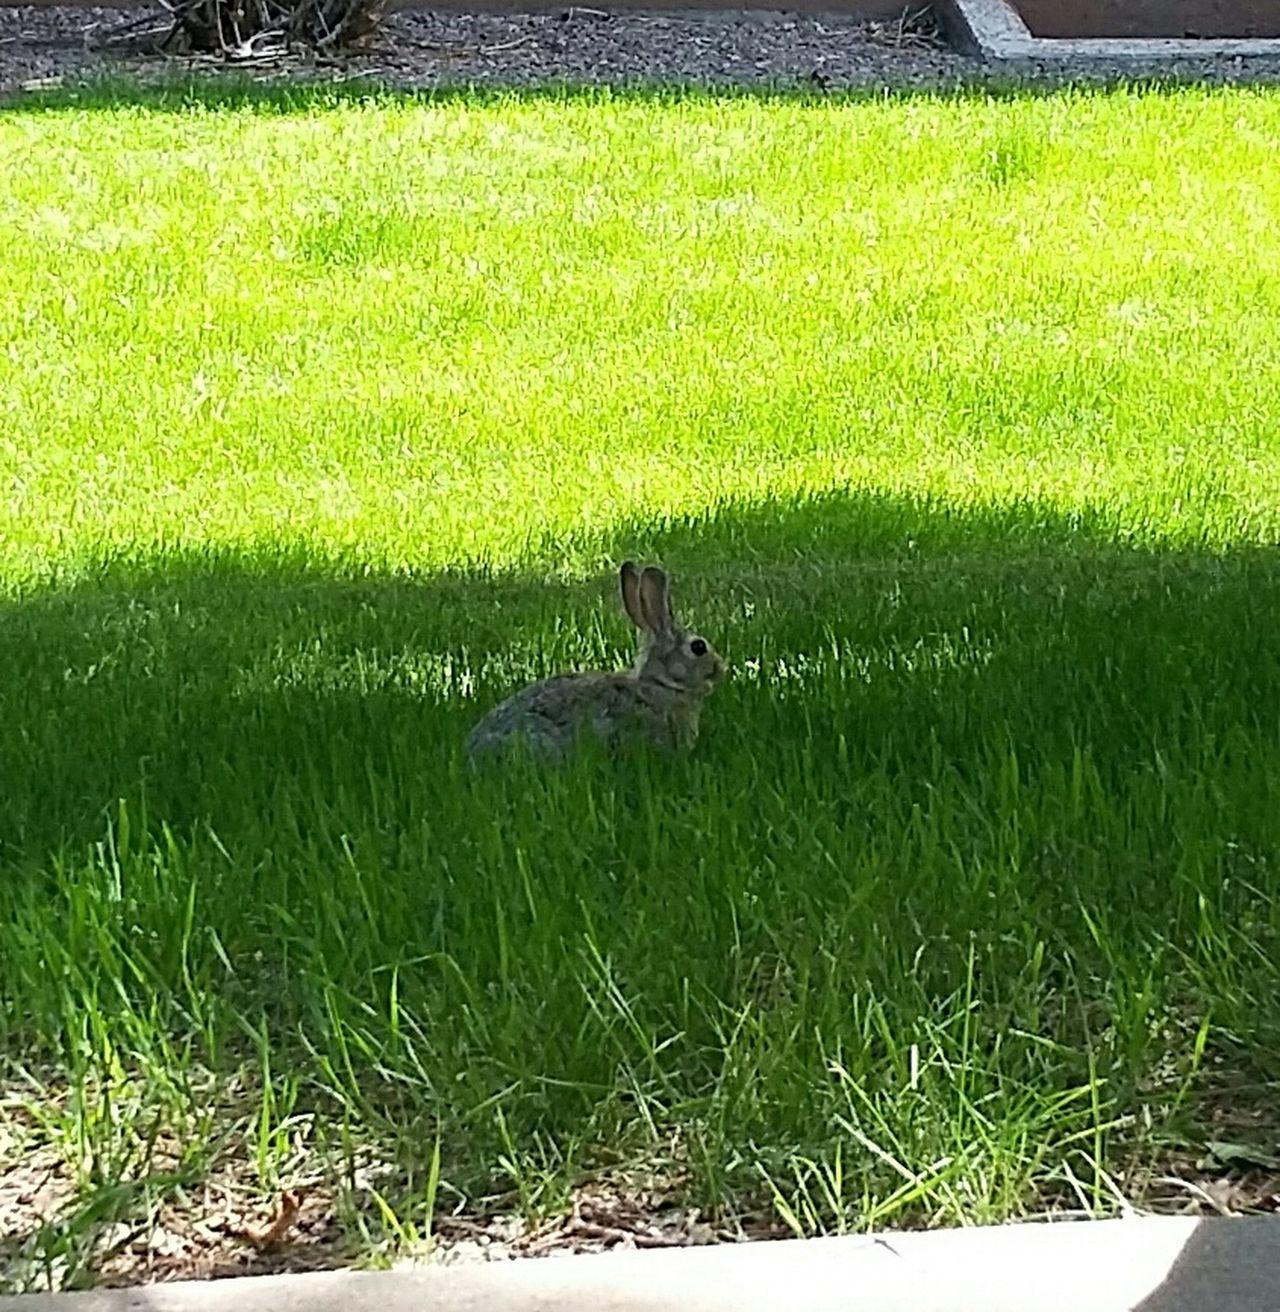 Fat Bunny! Naturelovers Inmybackyard Bunnies Bunny Ears  Bunny Love Bunny Wabbit Bunny Watching Rabbit